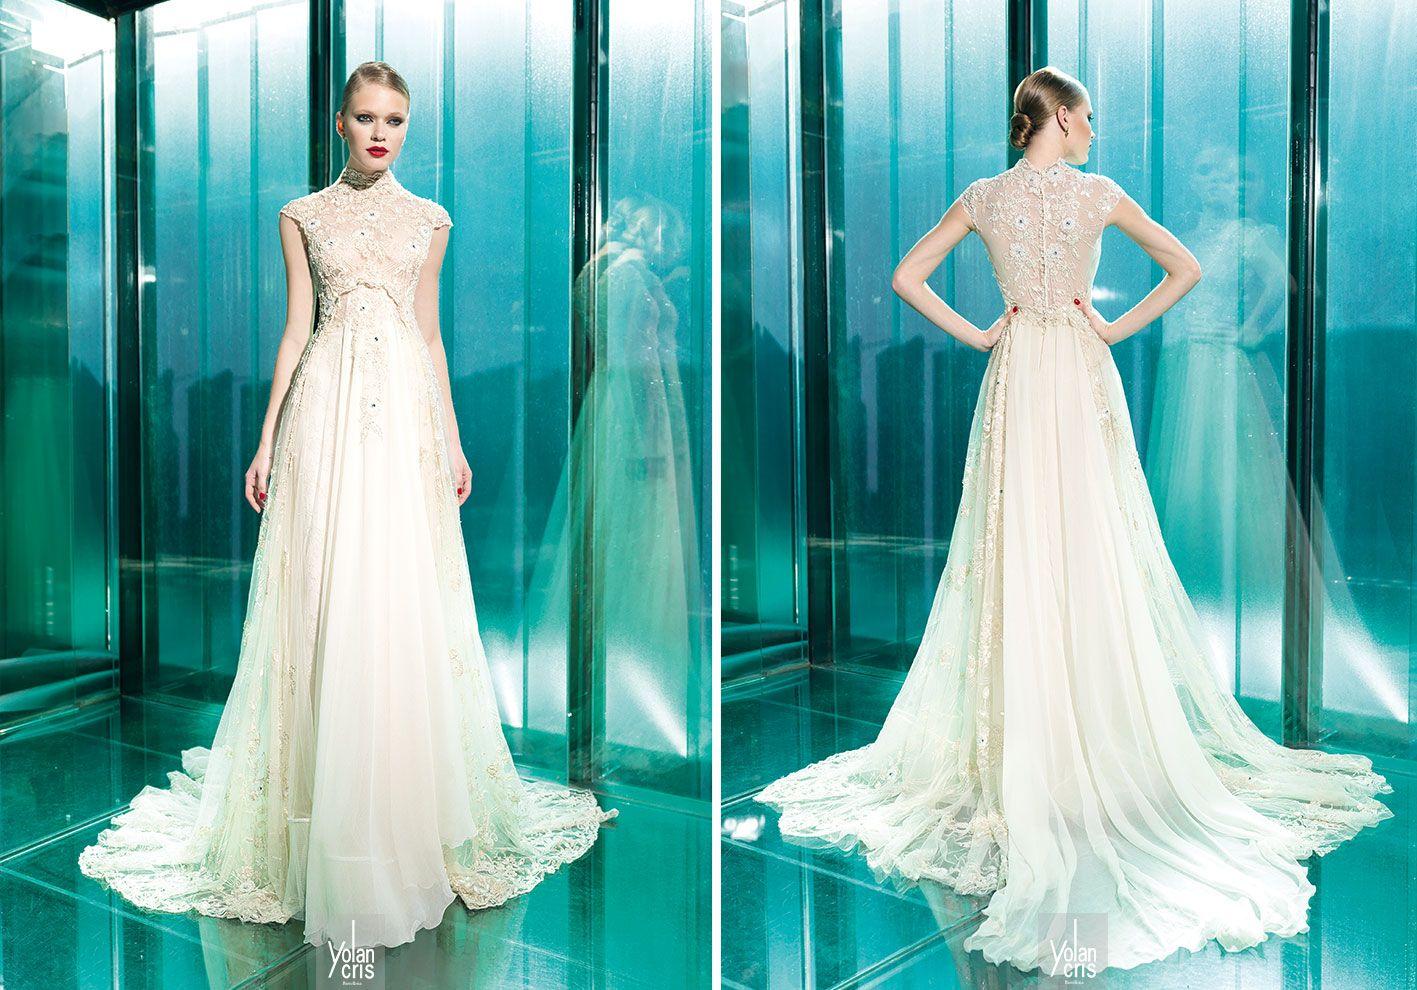 Excellent Vestidos Novia Estilo Vintage Images - Wedding Ideas ...